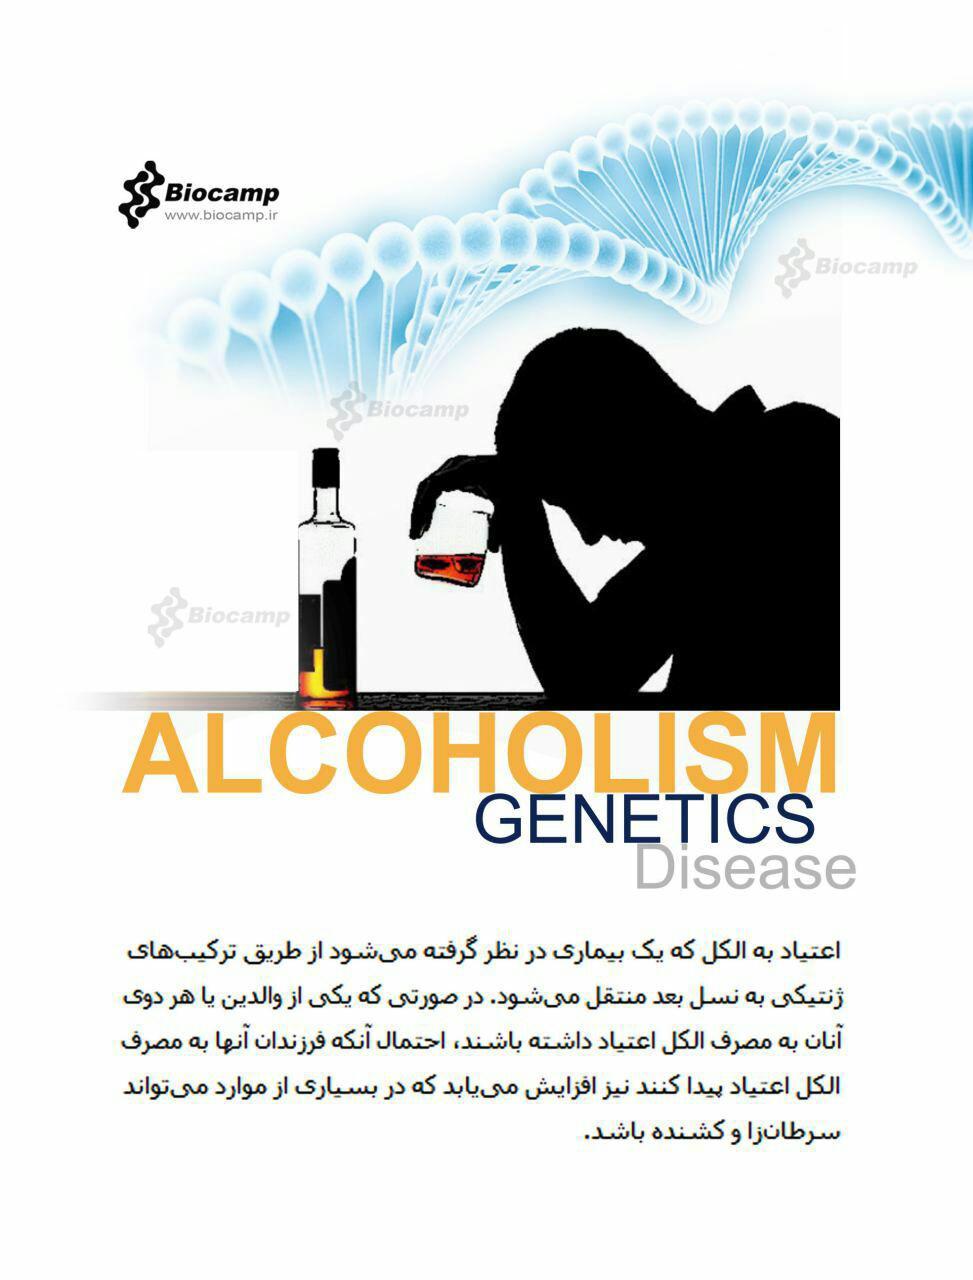 مصرف الکل مصرف الکل باعث چه مشکلی می شود مصرف الکل باعث چه مشکلی می شود photo 2016 10 07 22 18 49